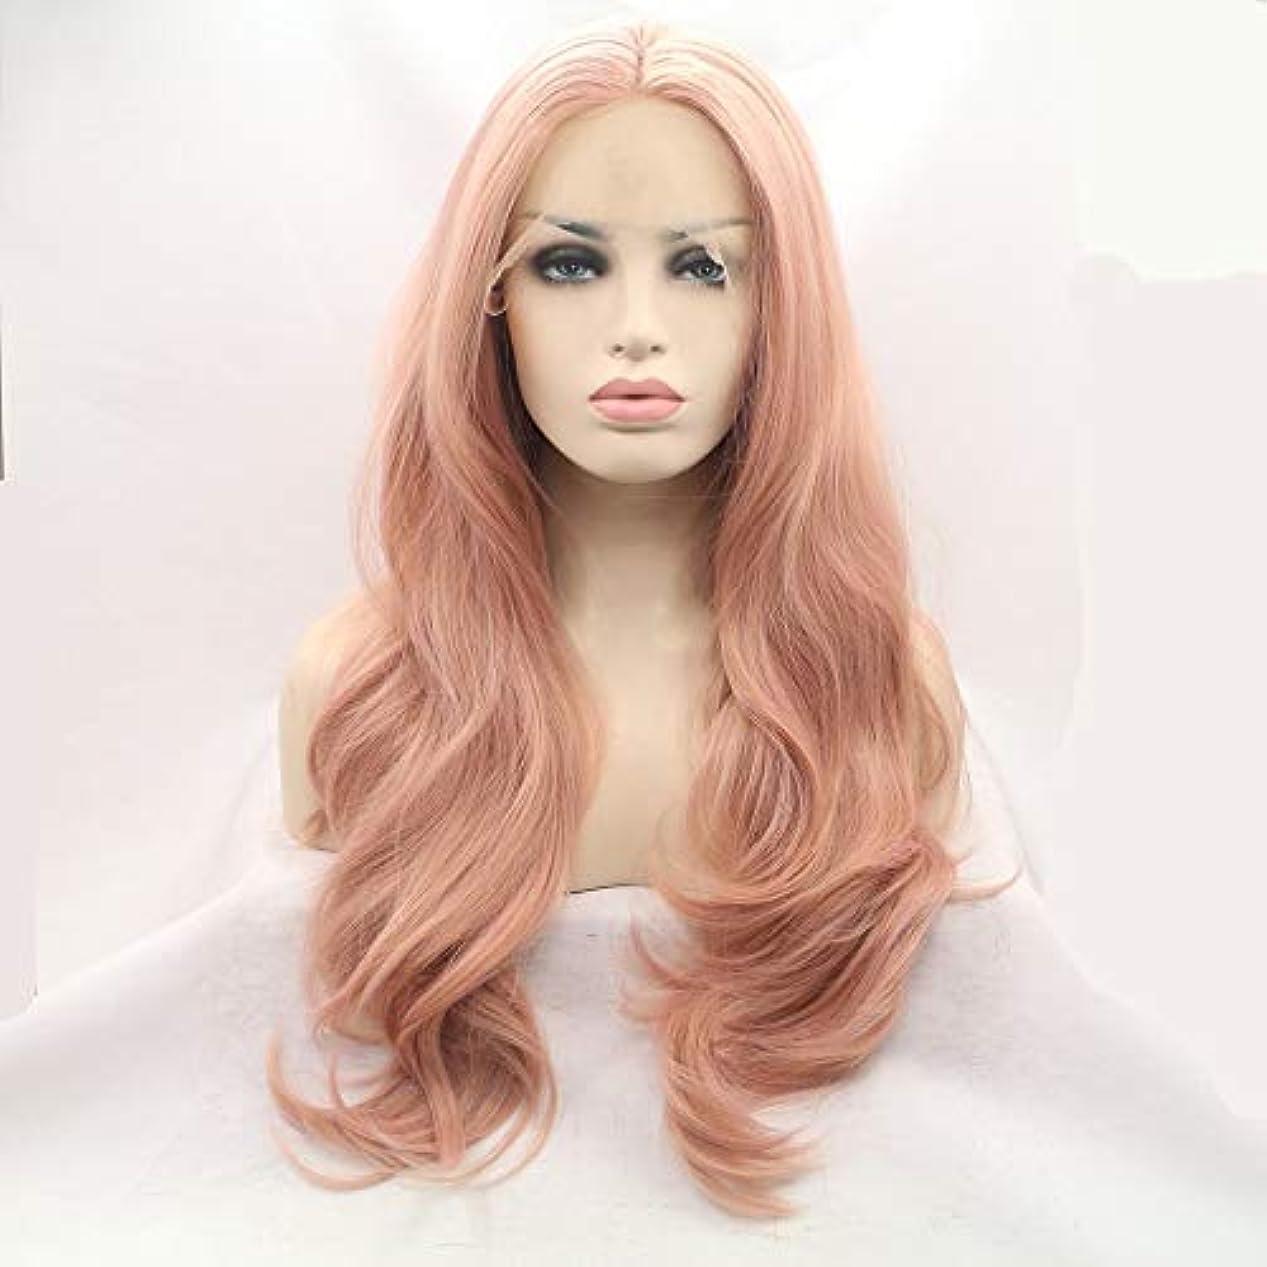 リース完全に乾く病気かつらキャップかつらで長いファンシードレスカール女性用高品質な人工毛髪コスプレ高密度かつら18インチ、20インチ、22インチ、24インチ、26インチ (Size : 22inch)